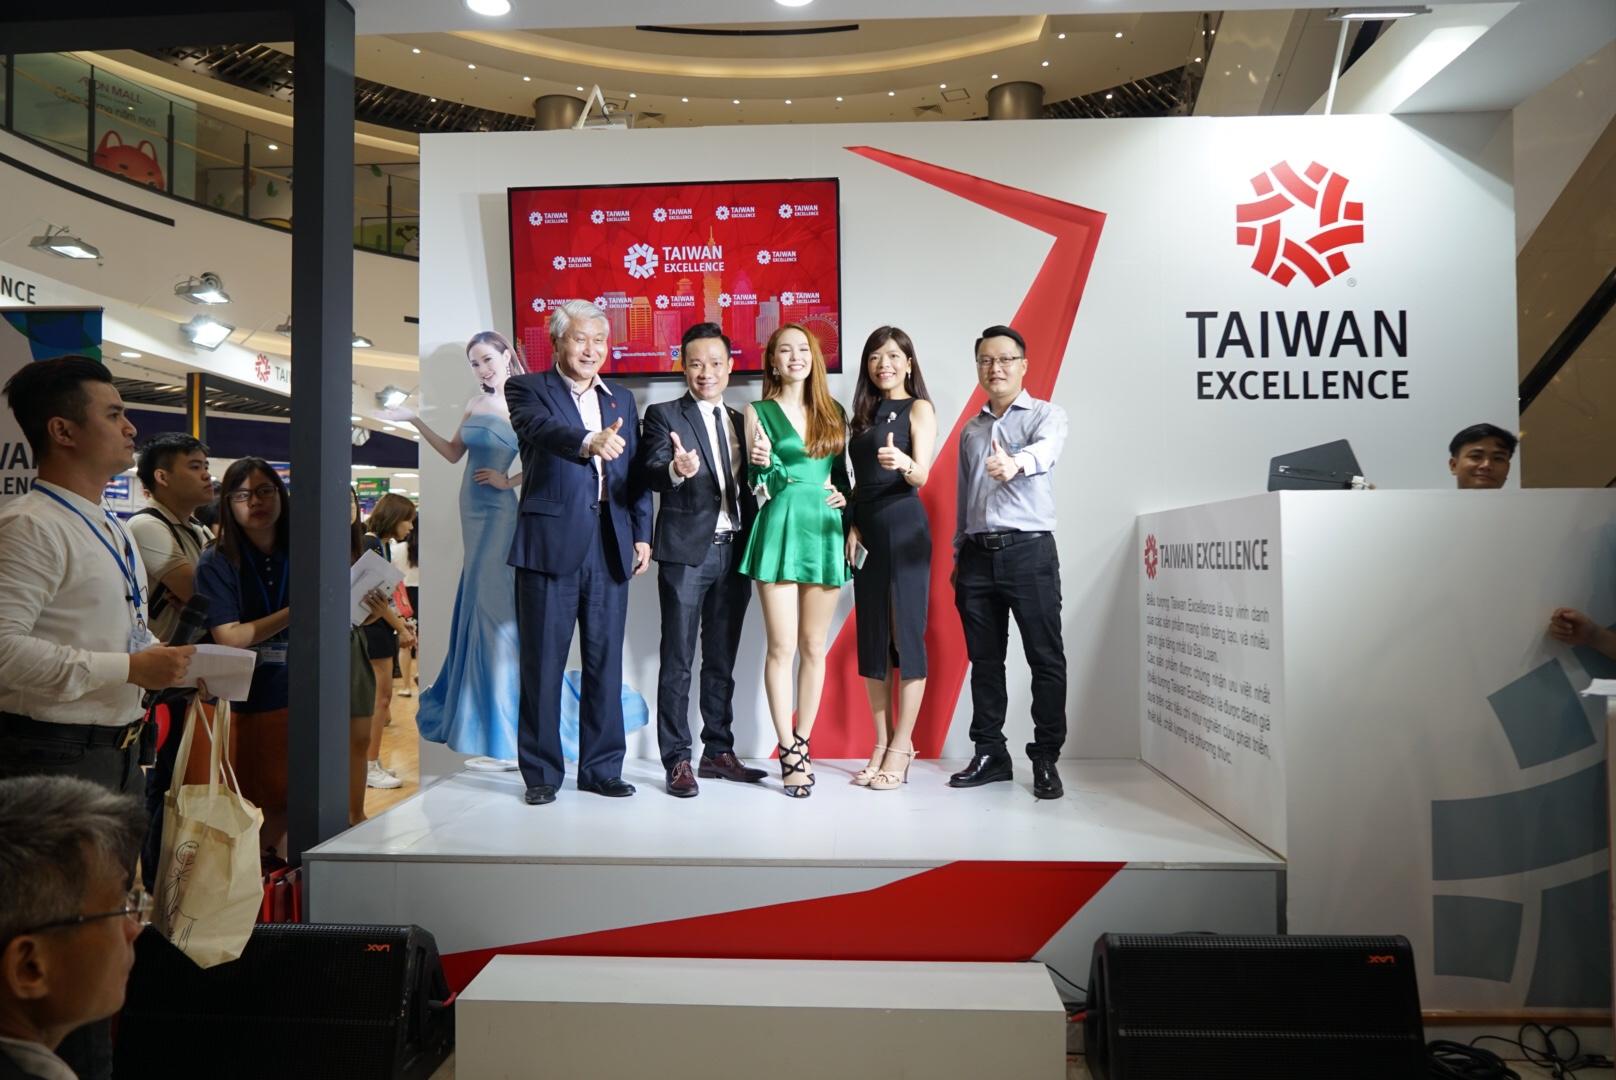 Tokuyo cùng chiến dịch Taiwan Excellence tại AE Mall Long Biên